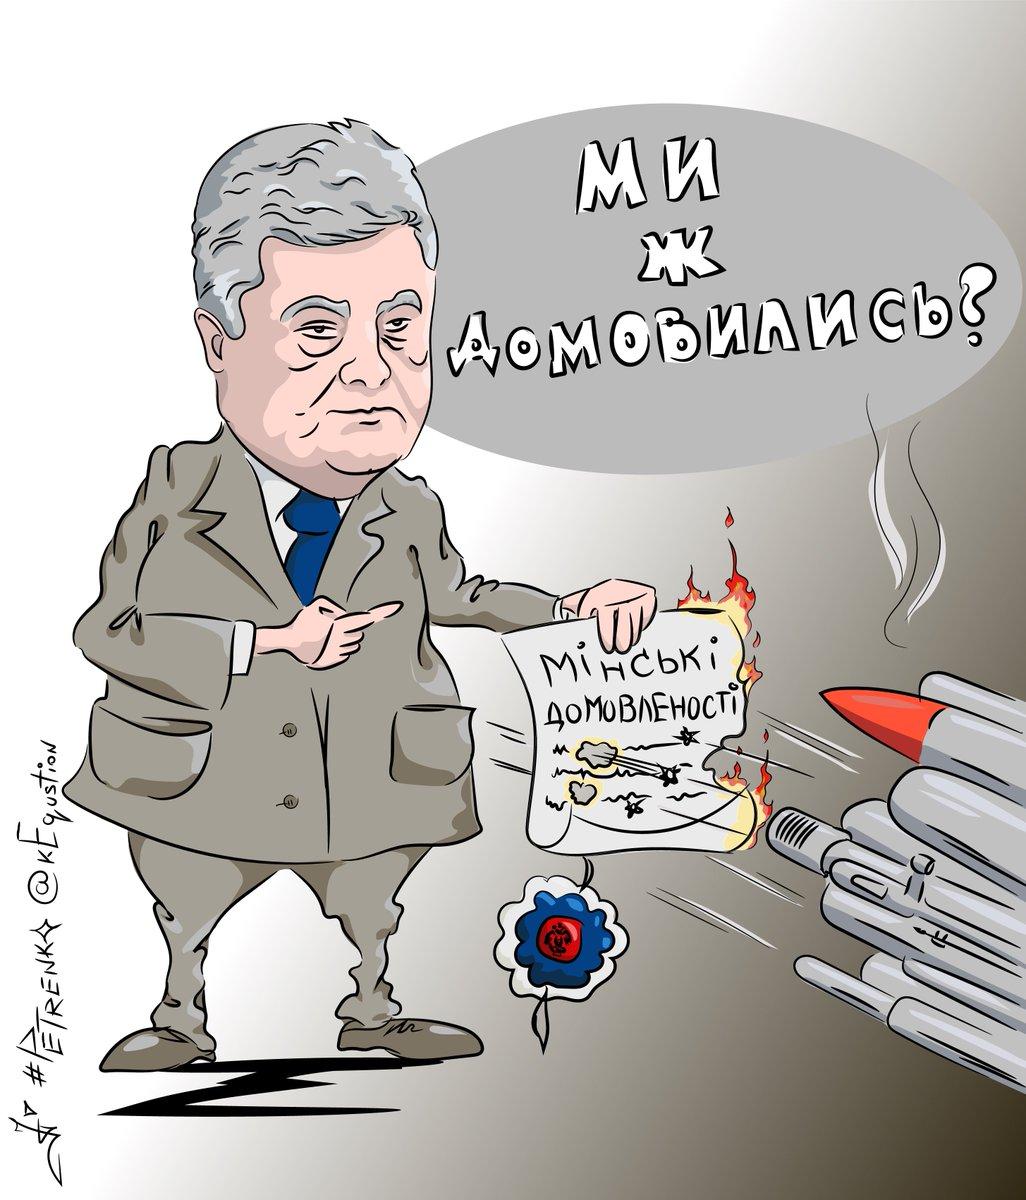 """Пропагандисты, снимая Захарченко, случайно """"засветили"""" российскую """"гуманитарку"""" - гранаты ВОГ-17М и ящики от 122-мм снарядов, - волонтер - Цензор.НЕТ 1142"""